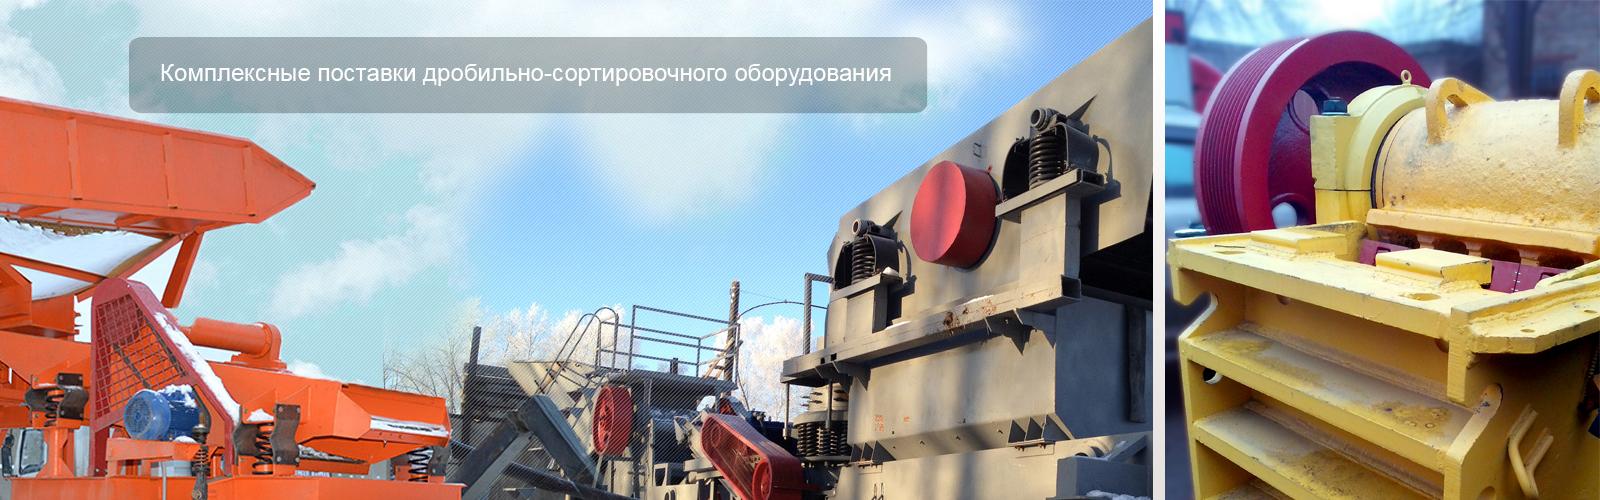 Завод дробильного оборудования в Серпухов дробилка для щебня цена в Первоуральск